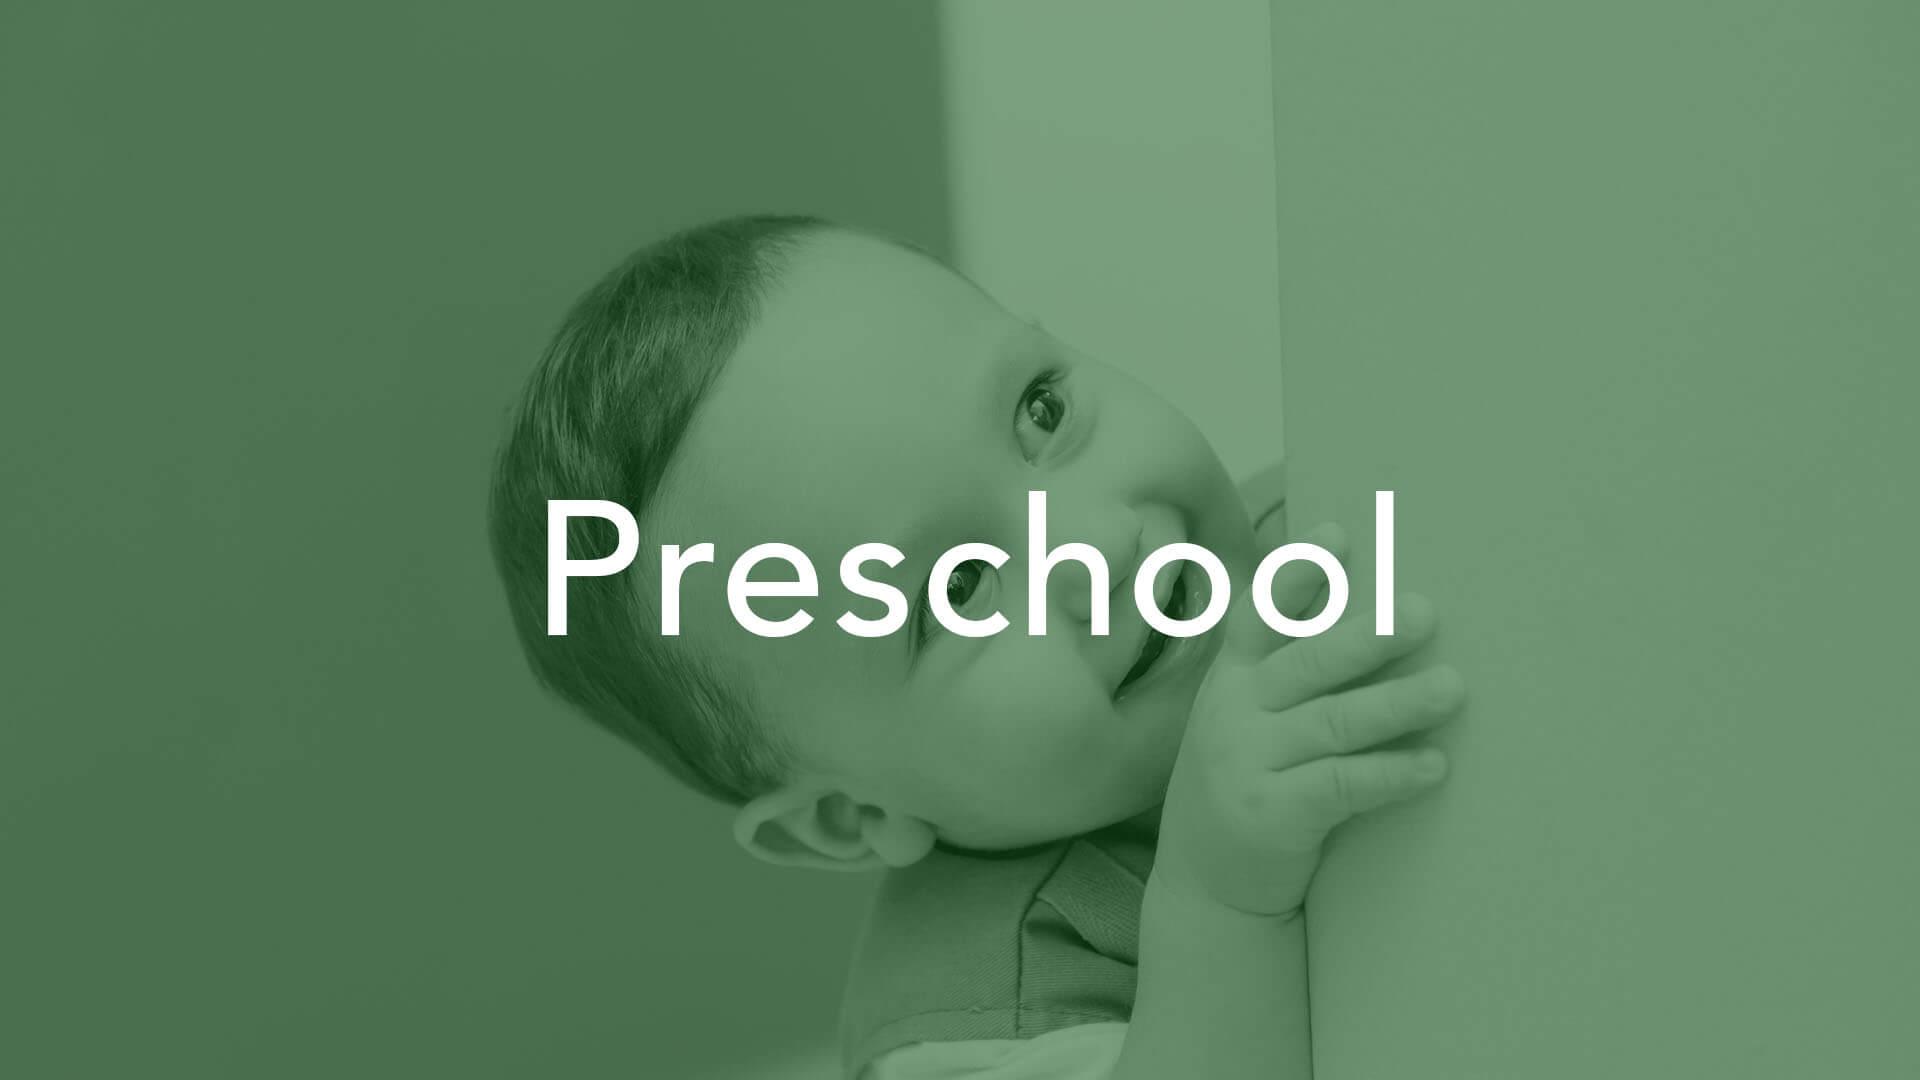 Preschoollight